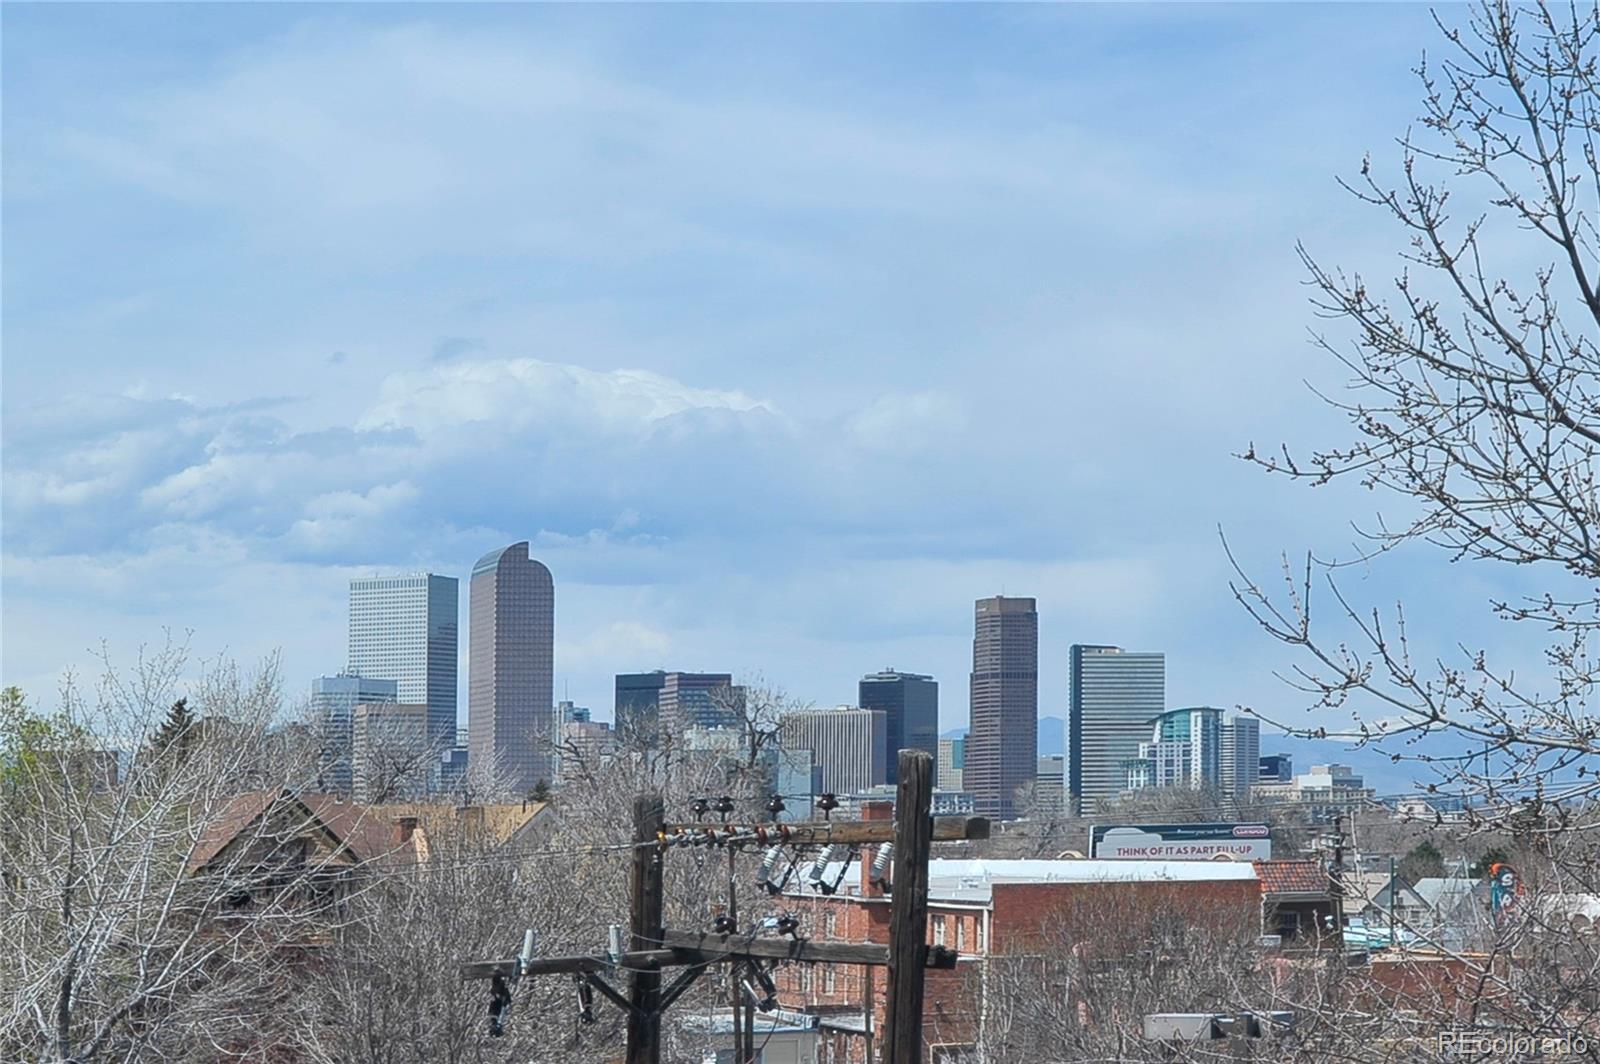 MLS# 2070888 - 3 - 1441 Vine Street #3, Denver, CO 80206